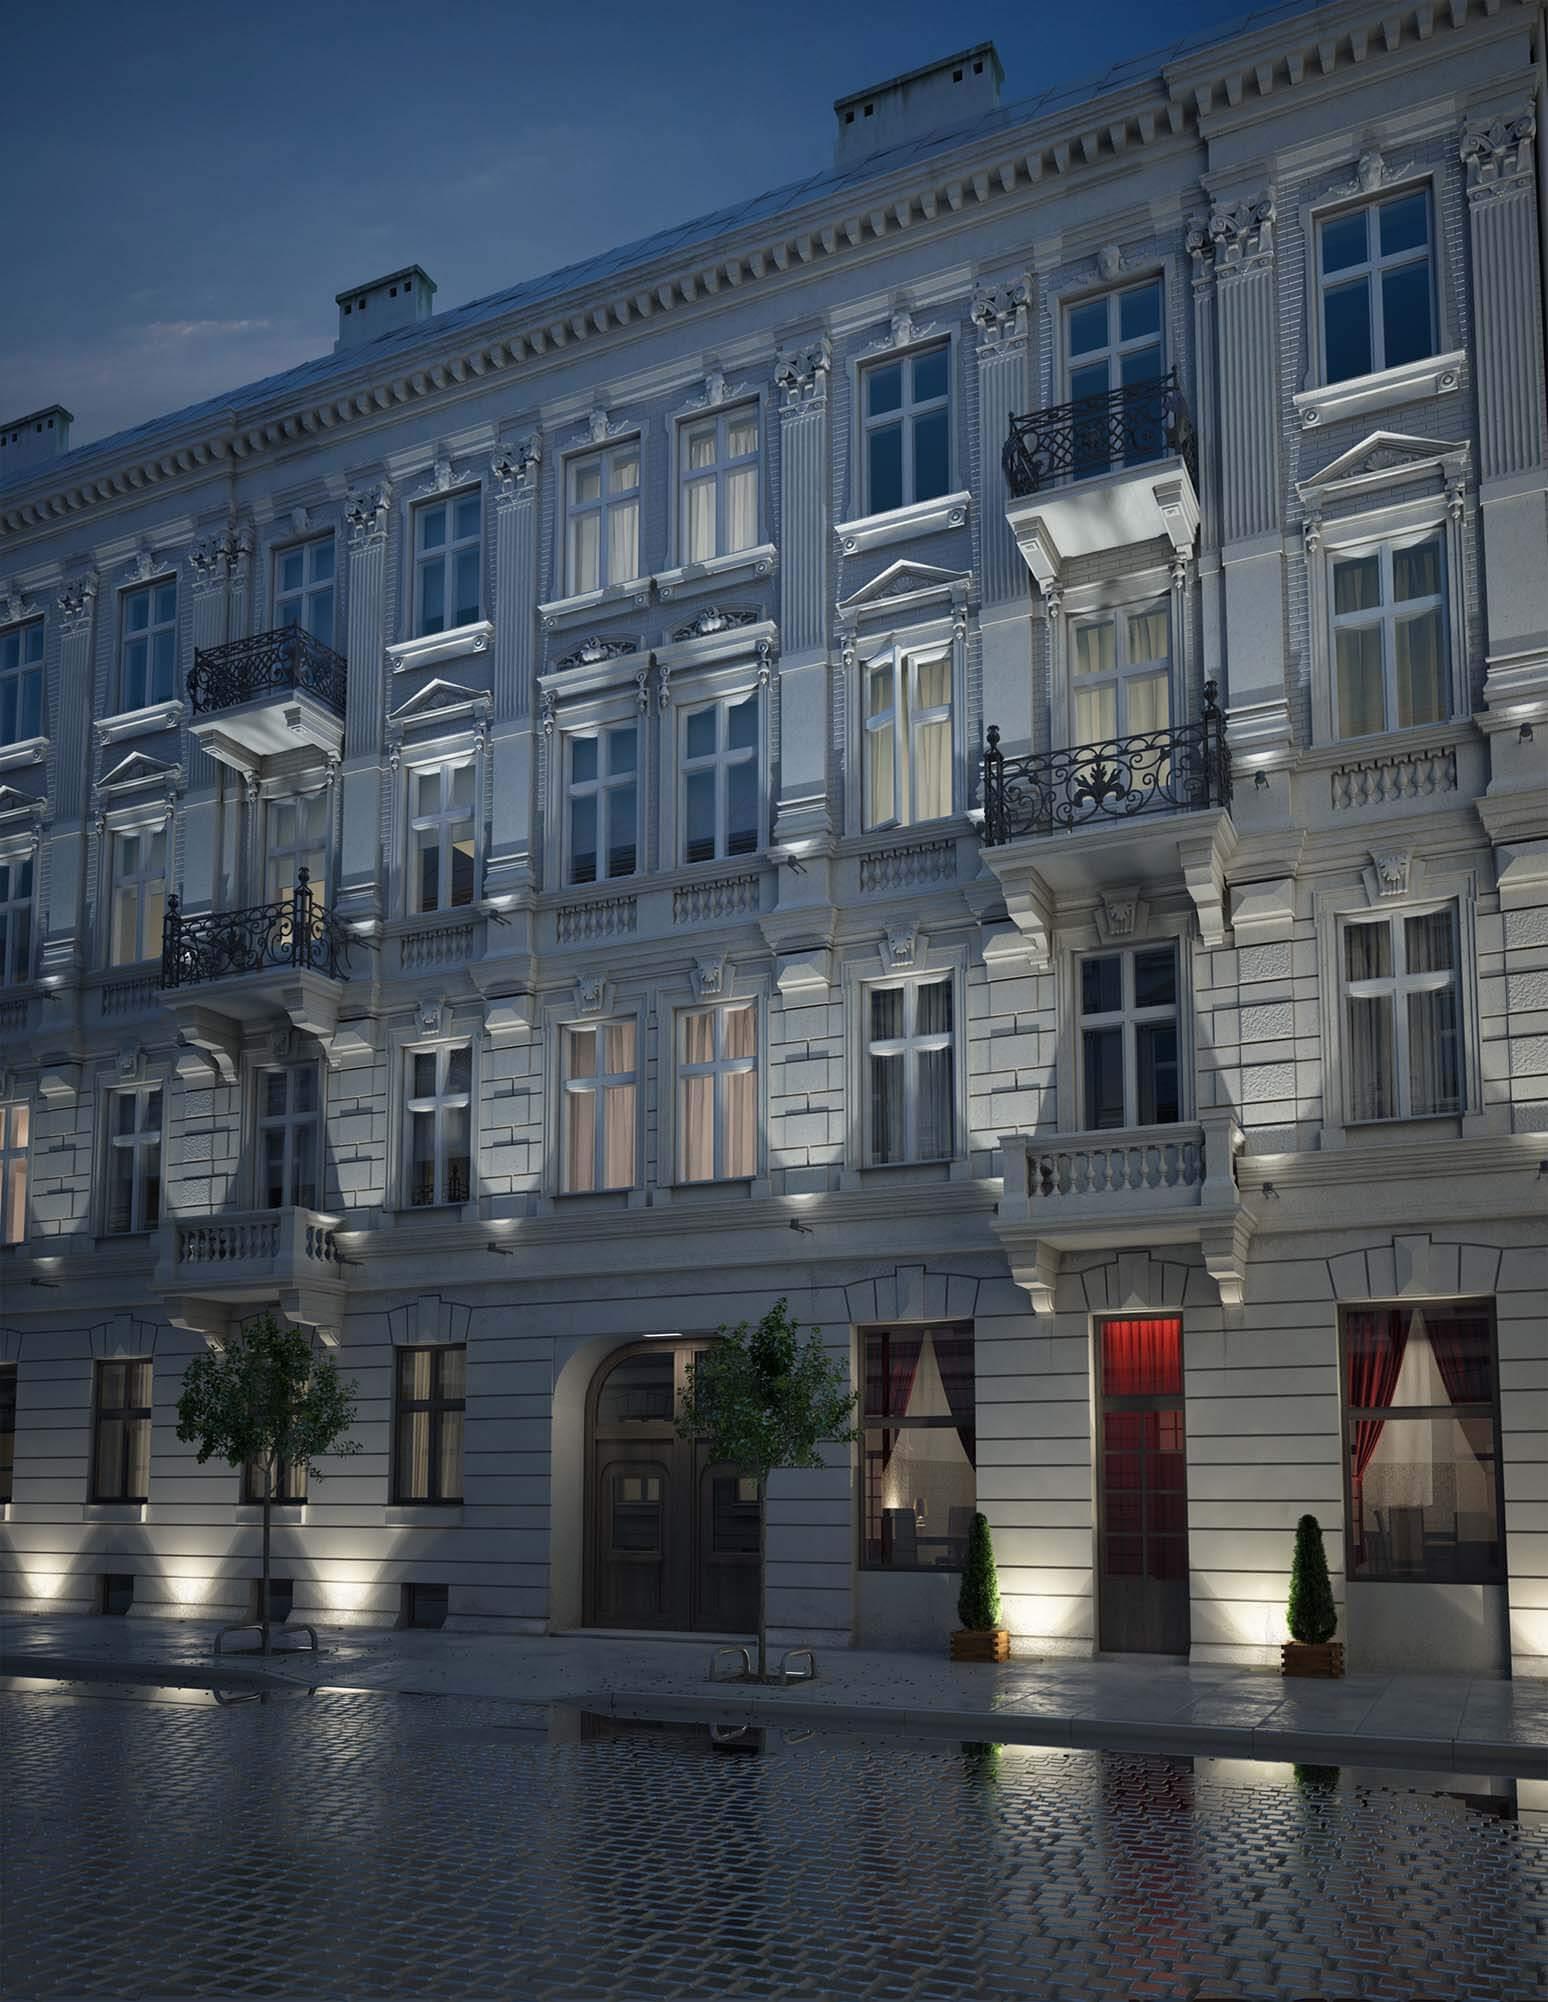 Wizualizacje architektoniczne - renowacja kamienicy przy ulicy Wilczej w Warszawie